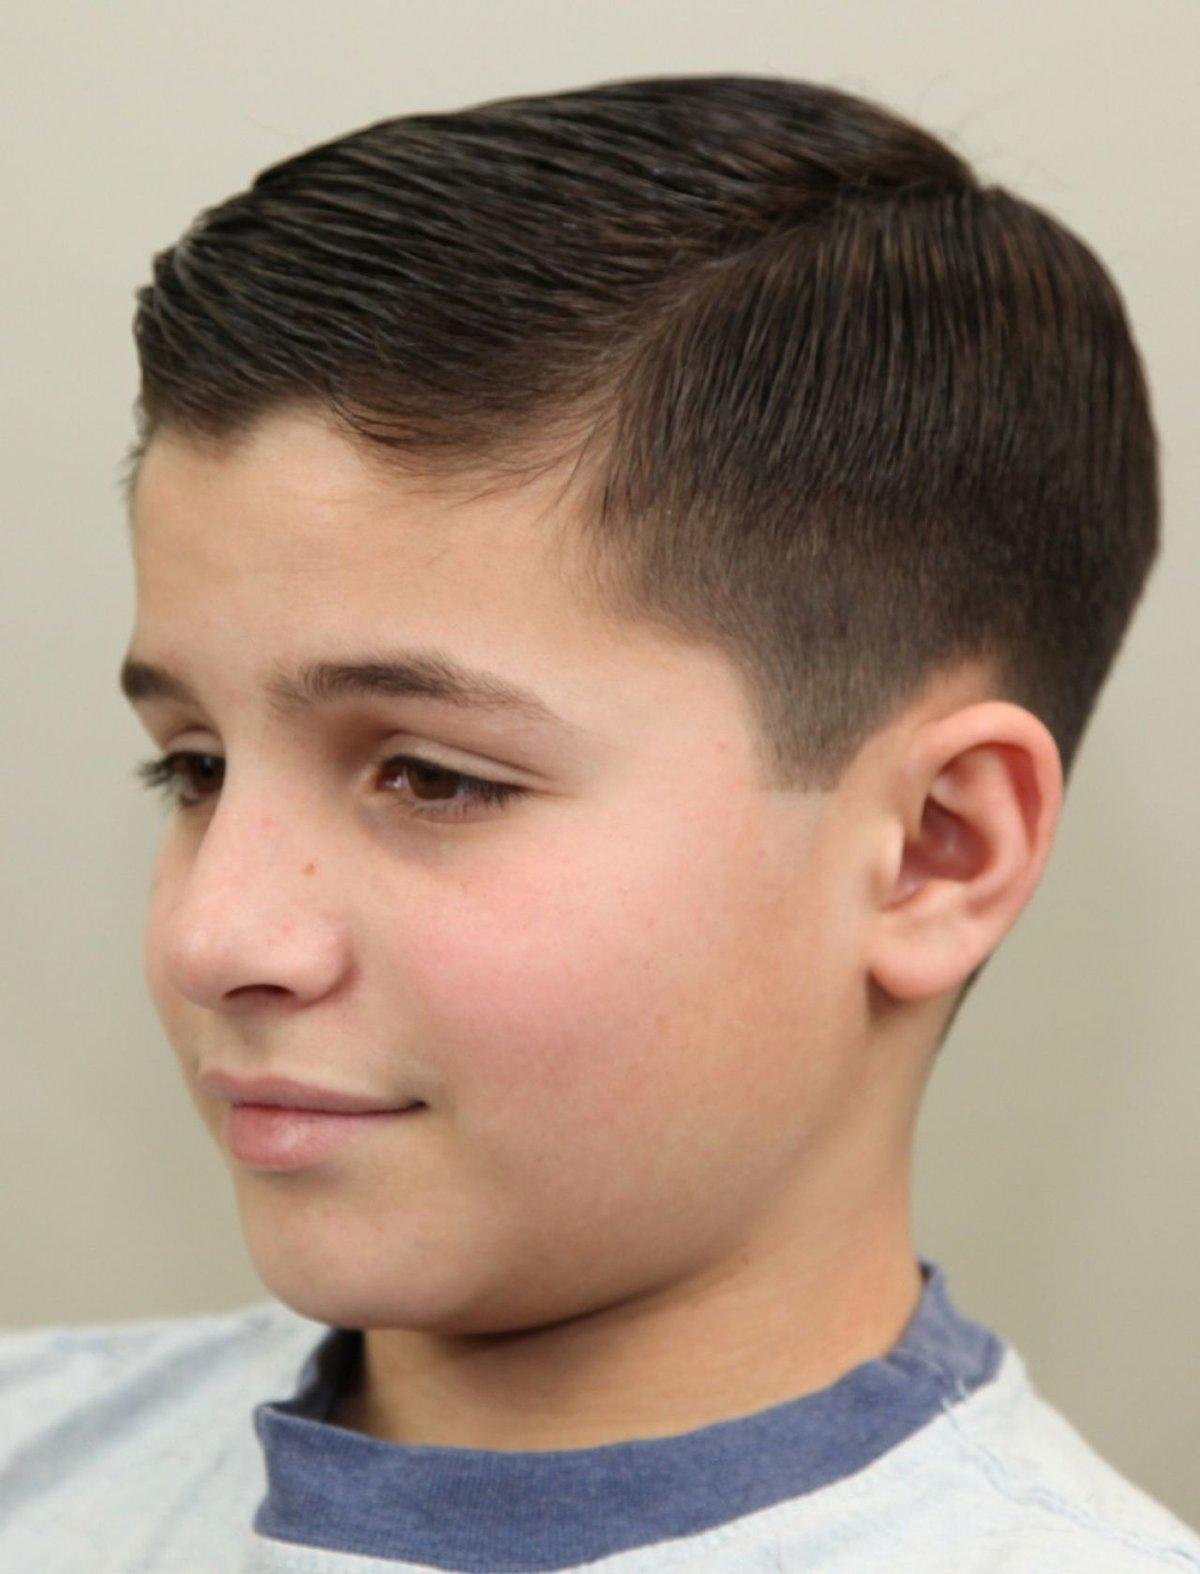 Стрижки на короткие волосы для подростков мальчиков